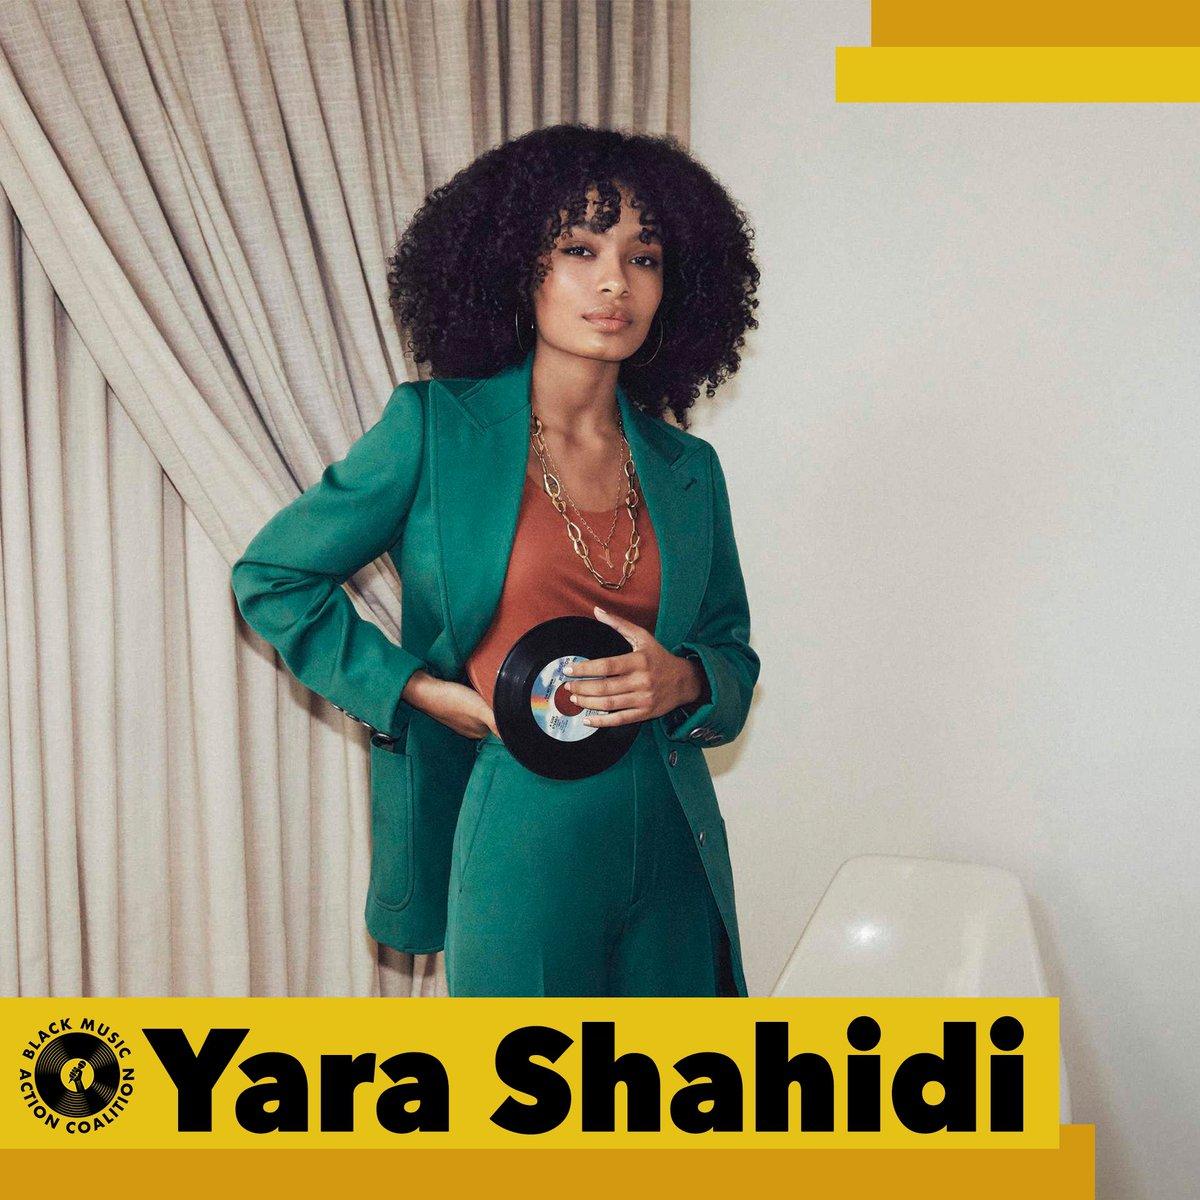 #BlackArtistMatter #BlackLivesMatter #BMAC #YaraShadidi @YaraShahidi